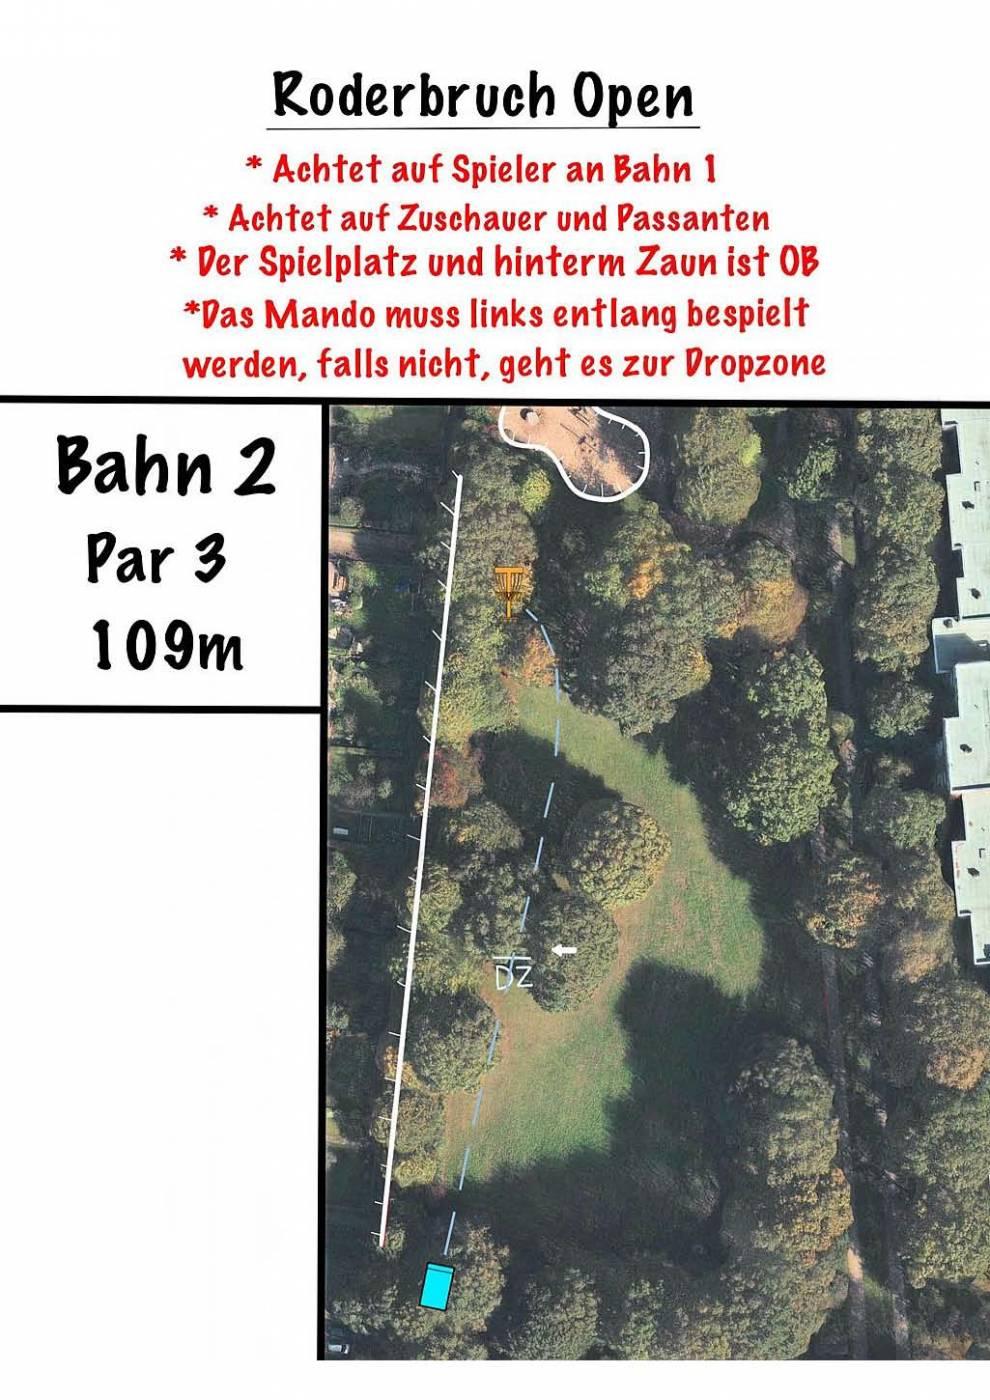 RBO 2019 - Bahn 02